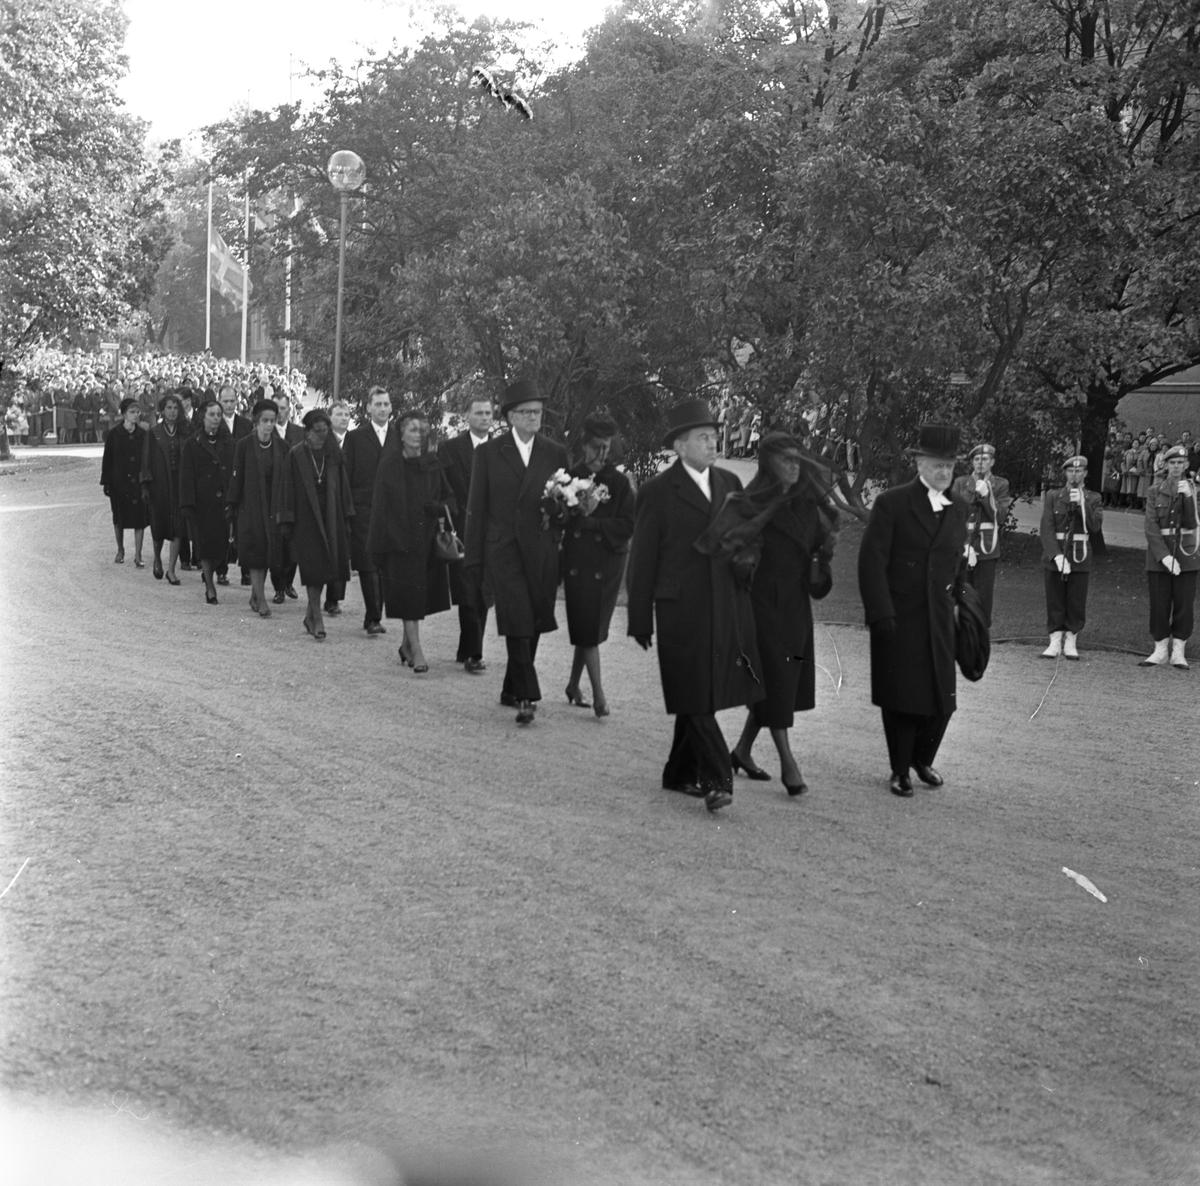 Dag Hammarskjölds begravning. Begravningståg genom Odinslund mot domkyrkan, Uppsala 29 september 1961